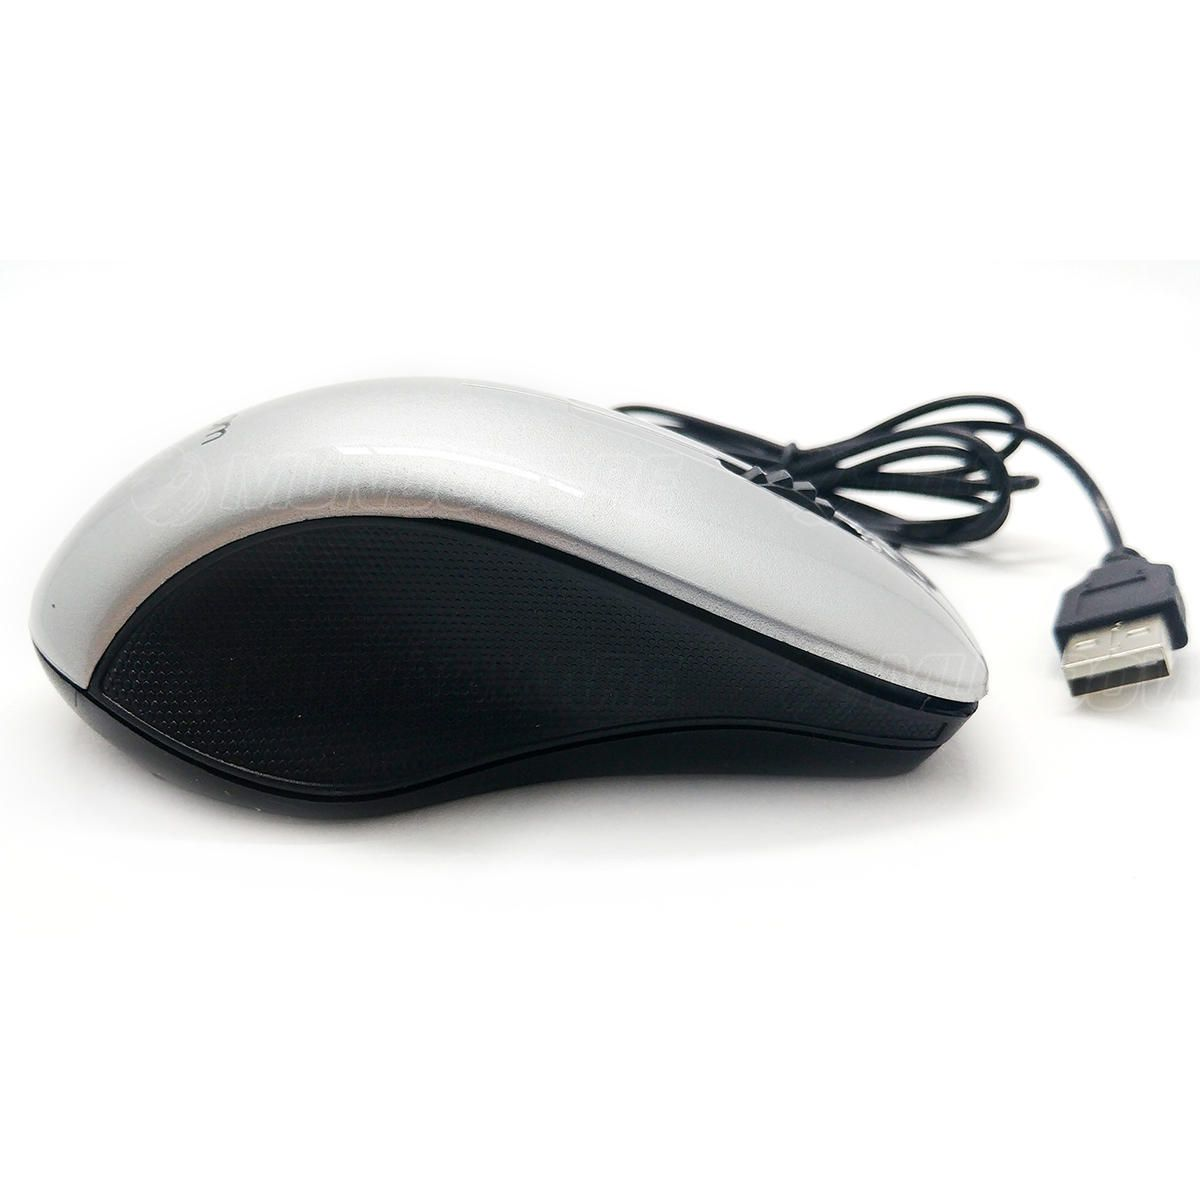 Mouse com cabo USB 1000DPIs Exbom MS47 Prata com Acabamento Brilhante